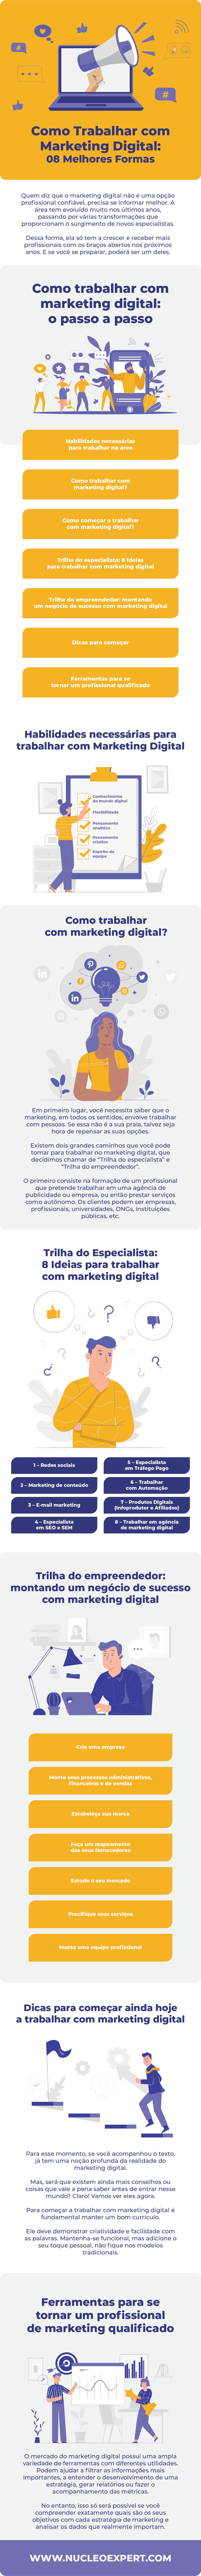 Infográfico | Como trabalhar com Marketing Digital - As 8 Melhores Formas